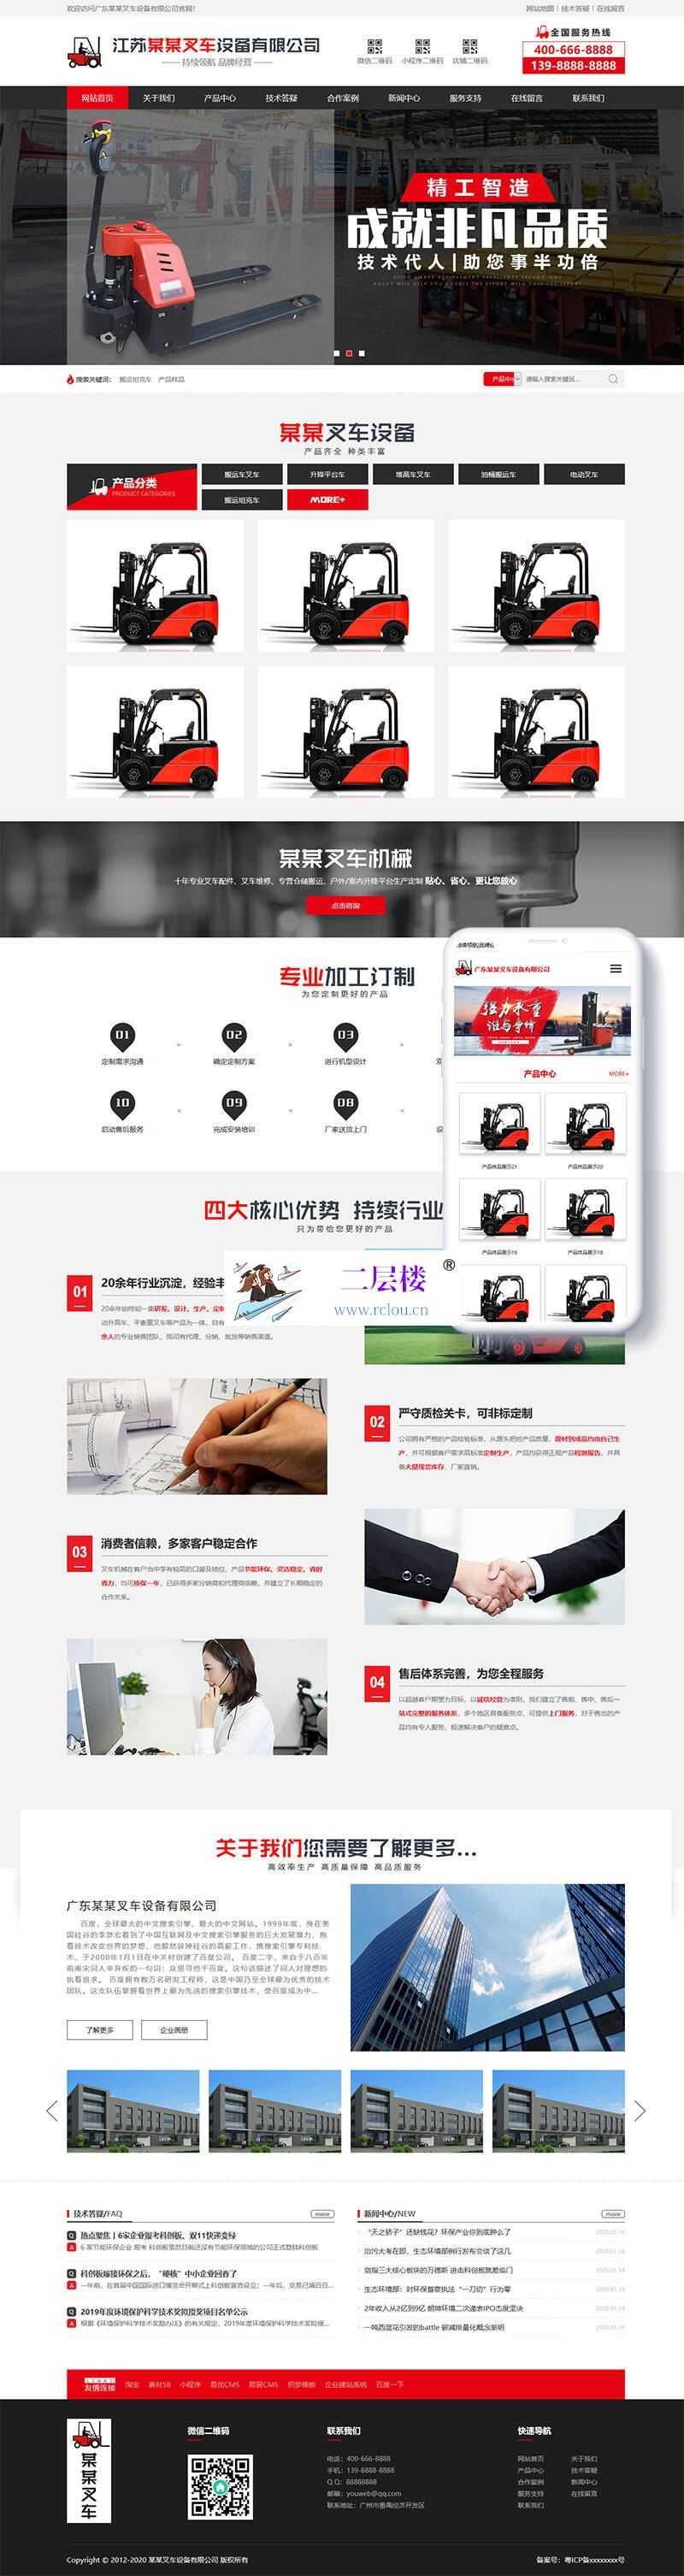 织梦营销型叉车工程机械设备制造类网站织梦模板(带手机端)_二层楼源码插图